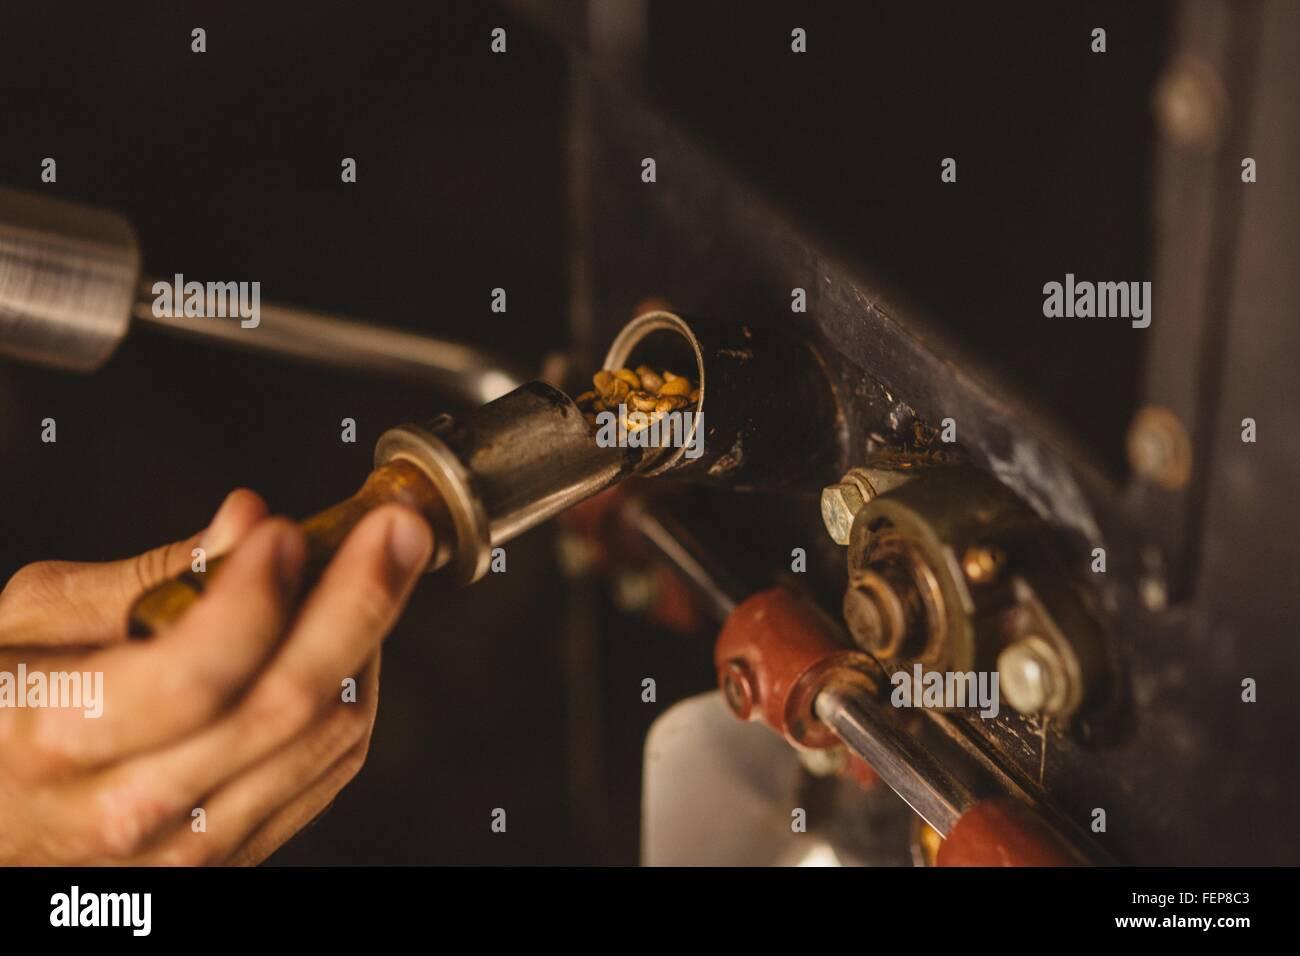 Hombre verter los granos de café en COFFEE ROASTER, close-up Imagen De Stock